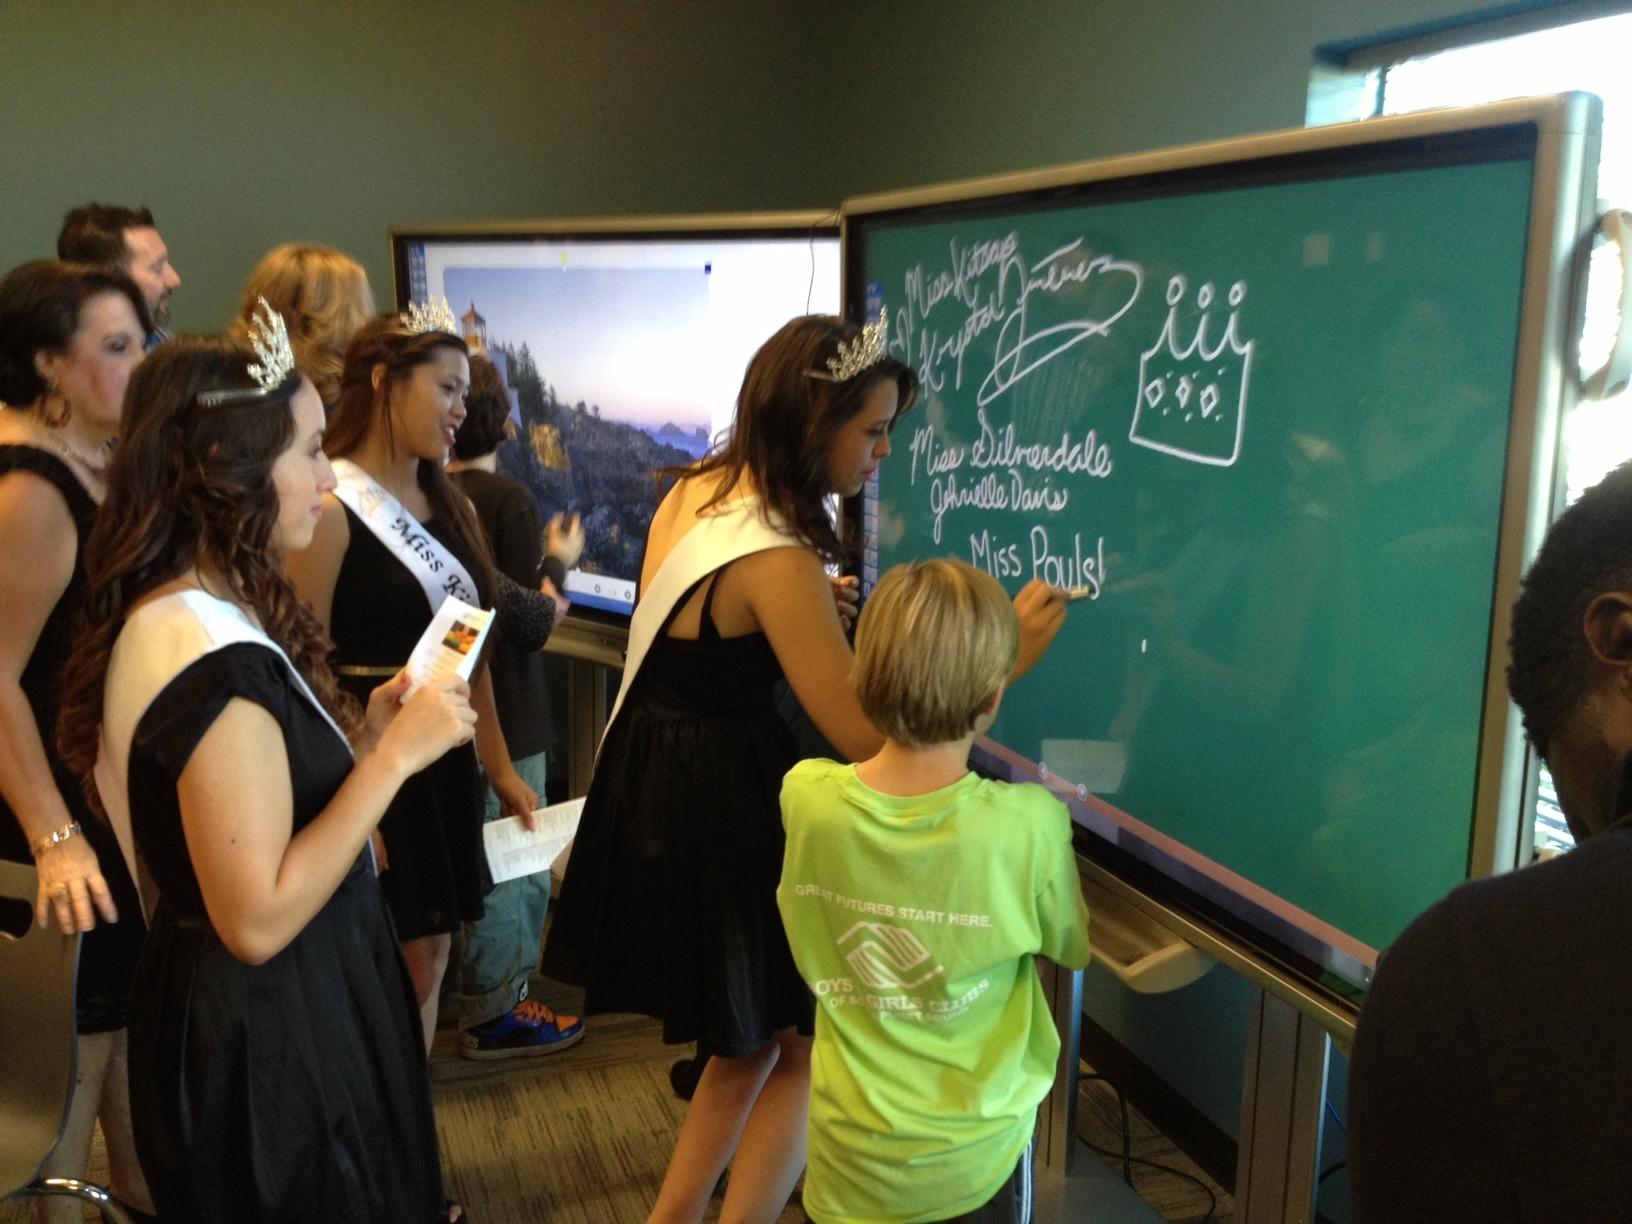 teens using smart board as a chalkboard